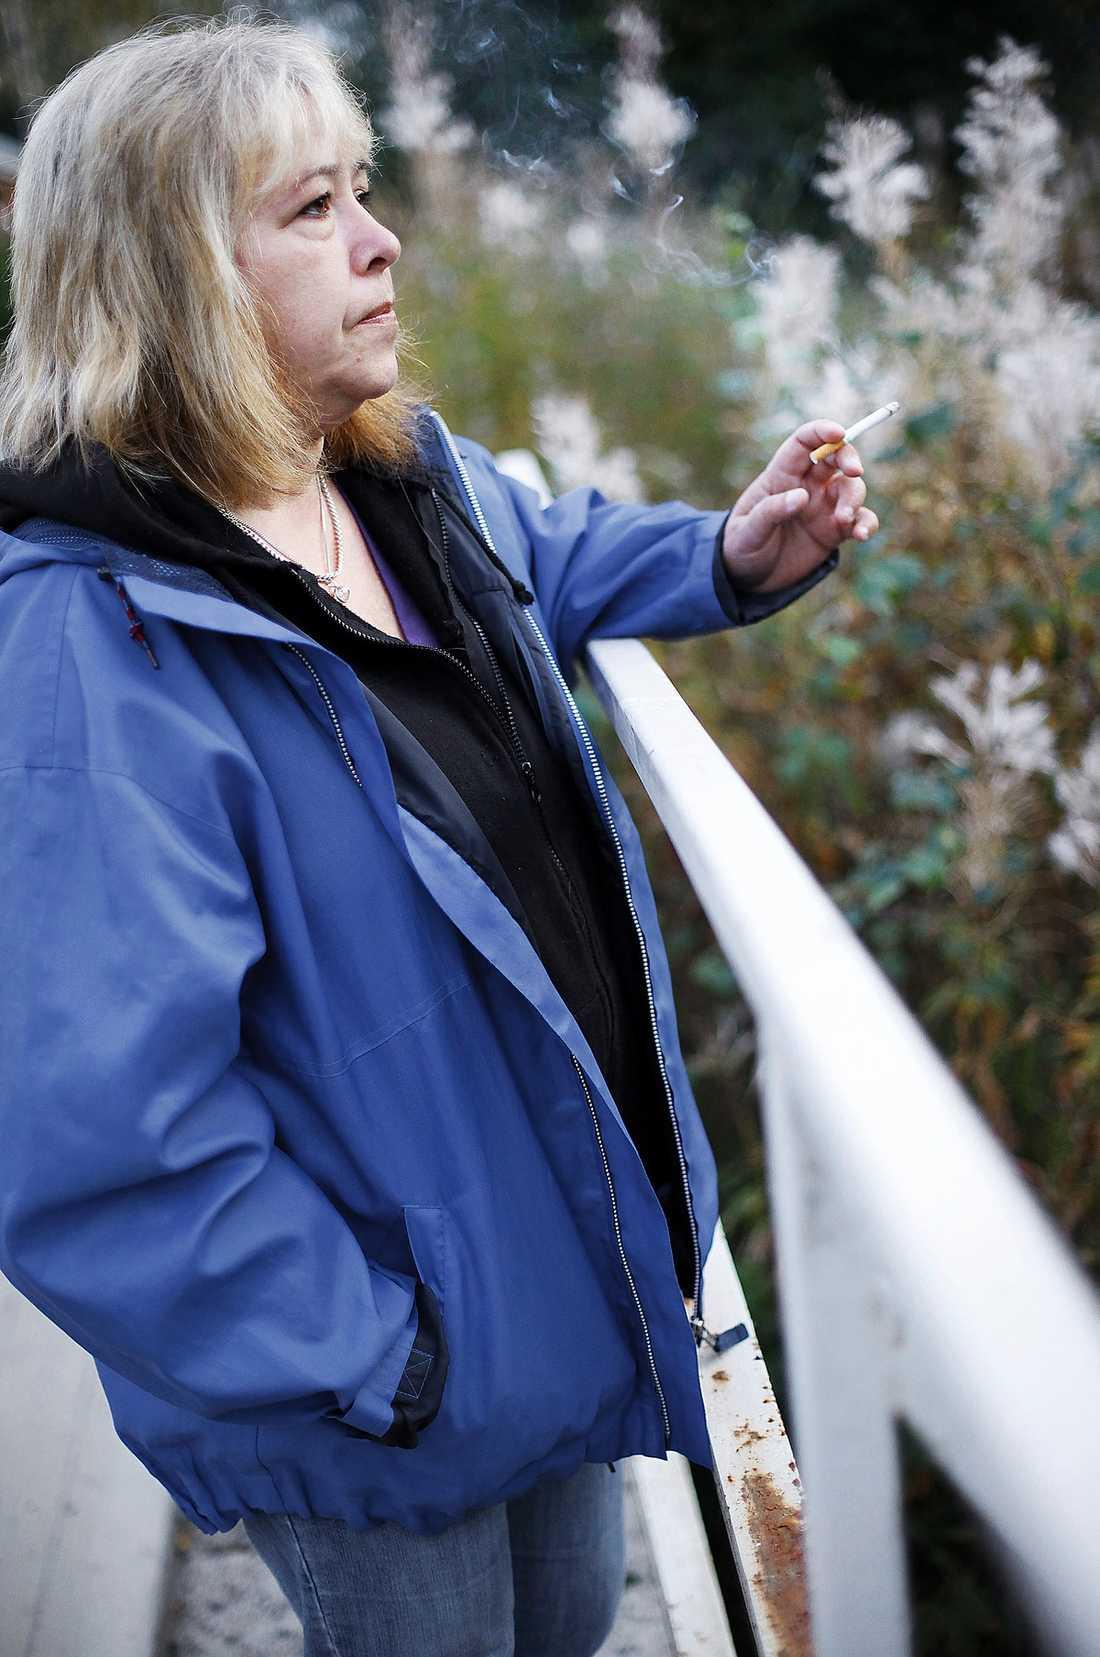 GÅR MED VÄRK Ann Linderholt får inte operera sina onda knän på grund av att hon röker.